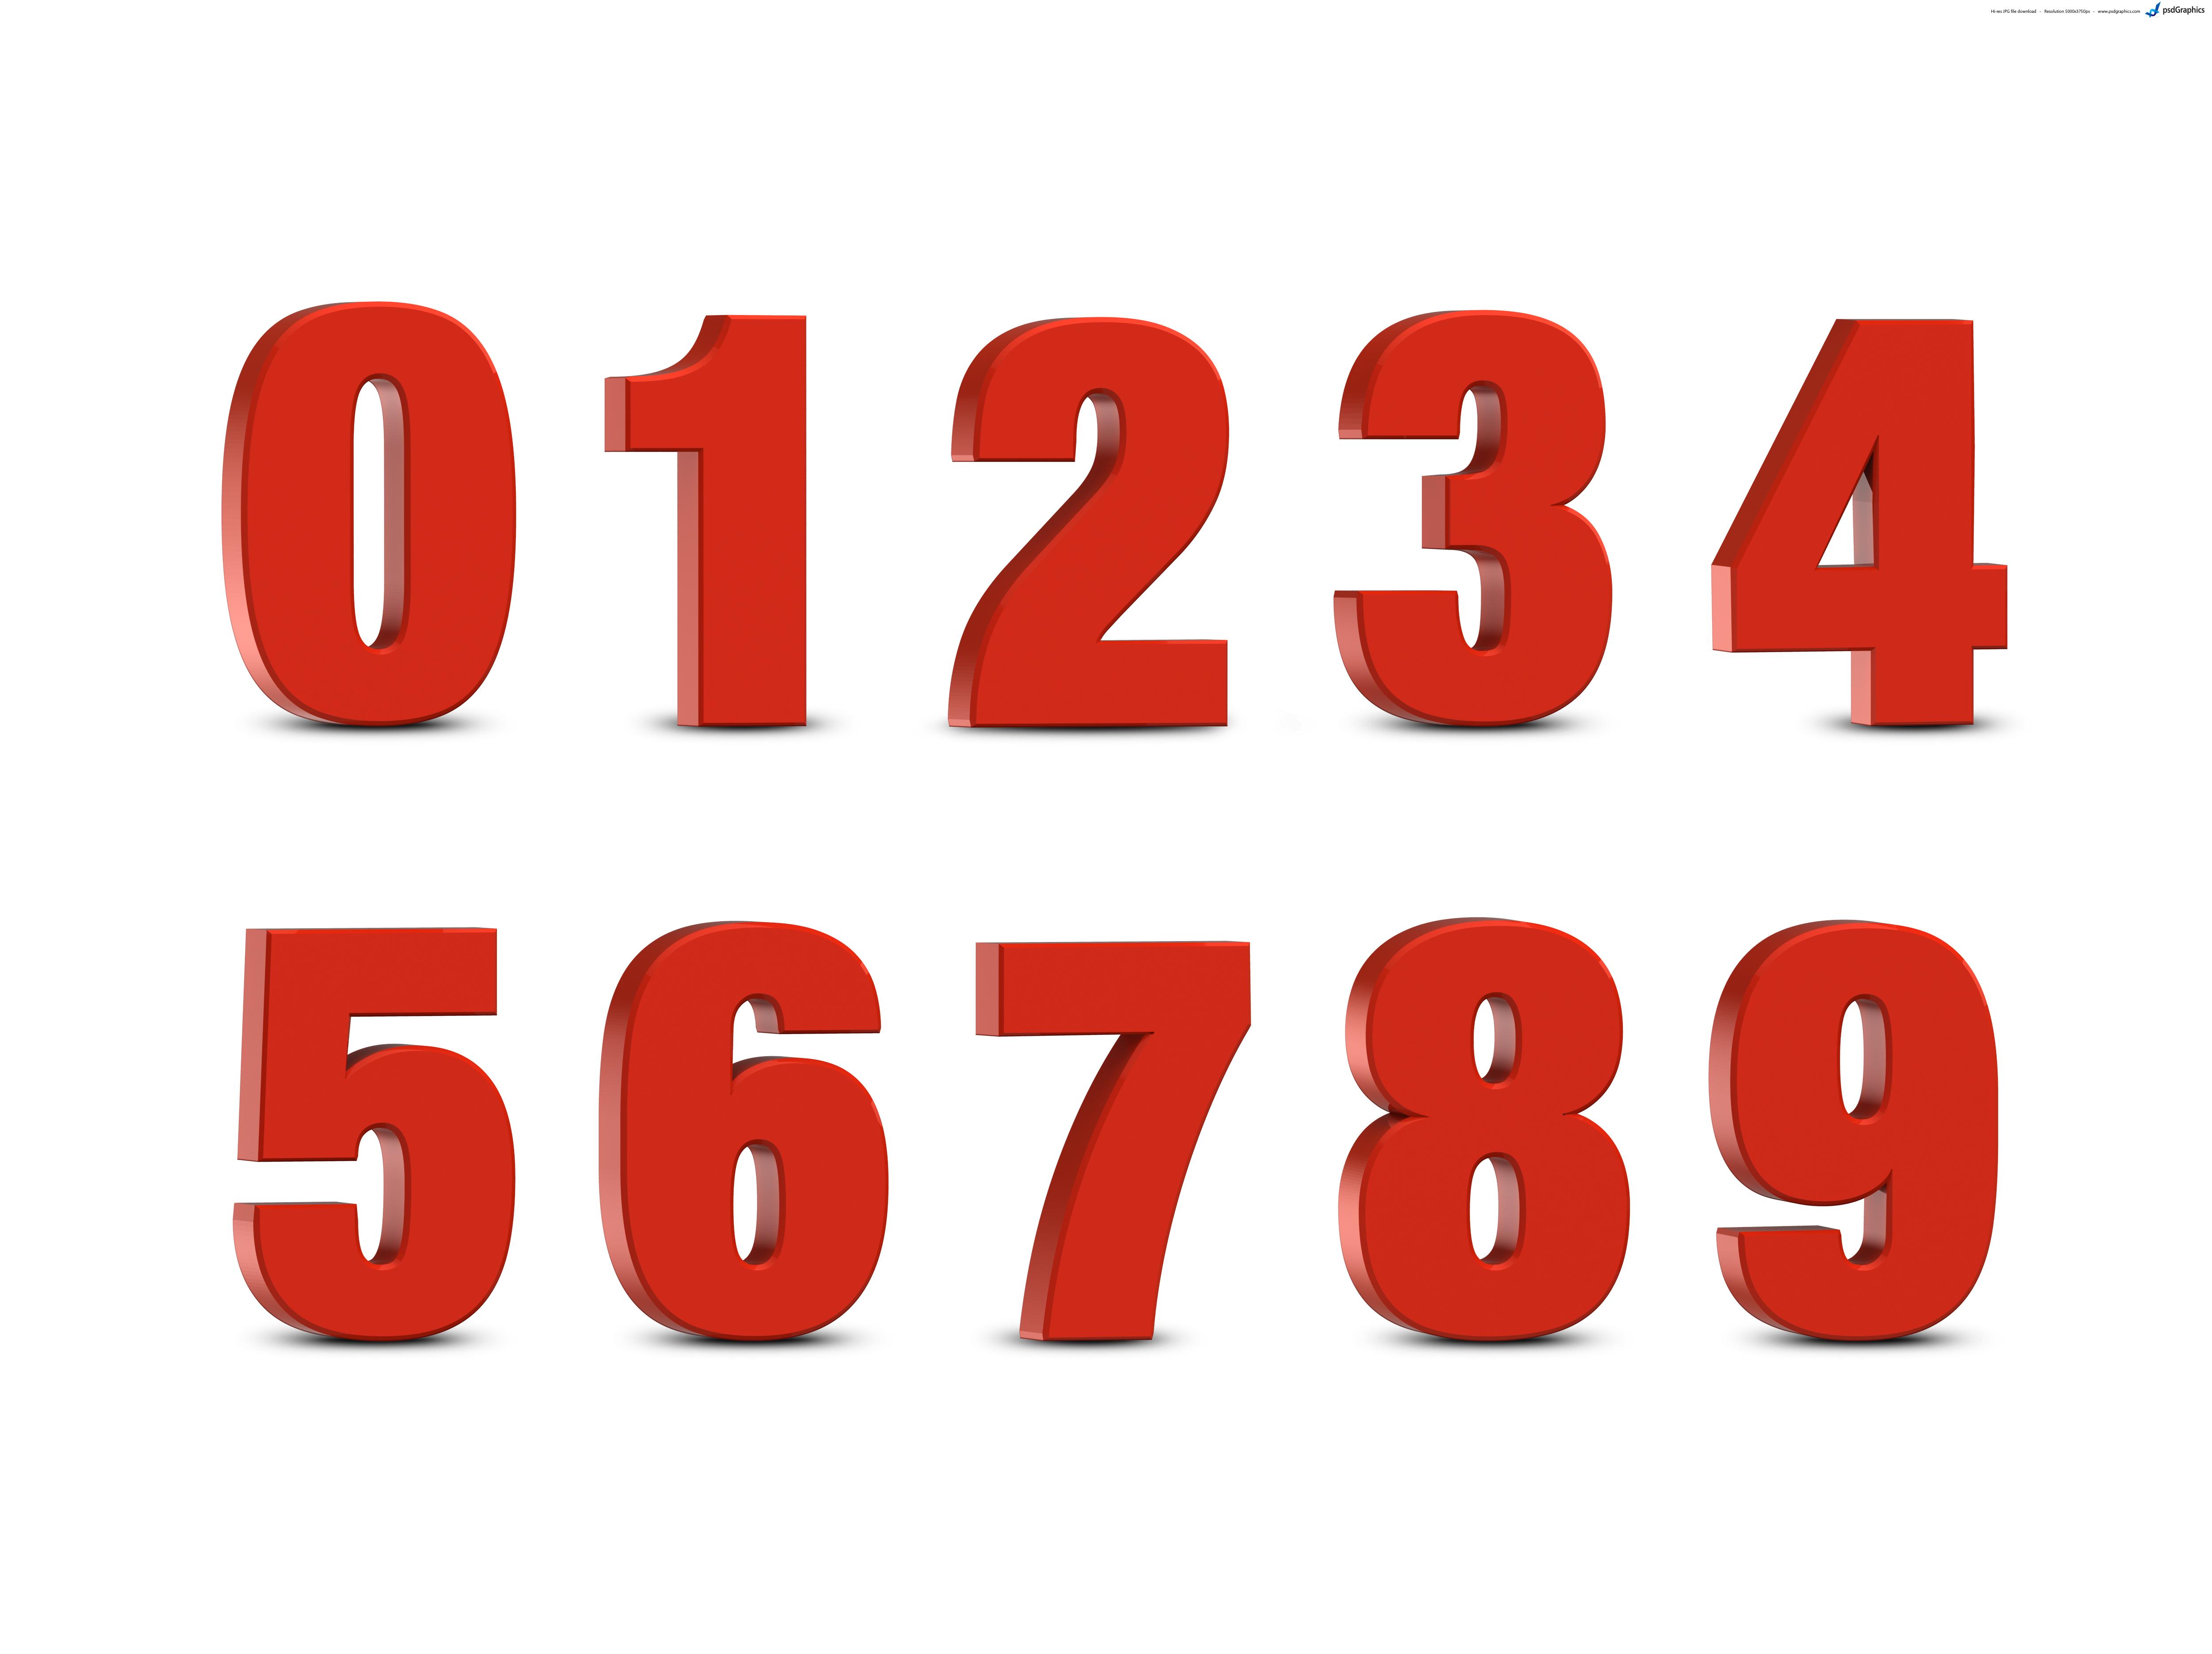 3D цифры (трехмерные) красного цвета с большим разрешением